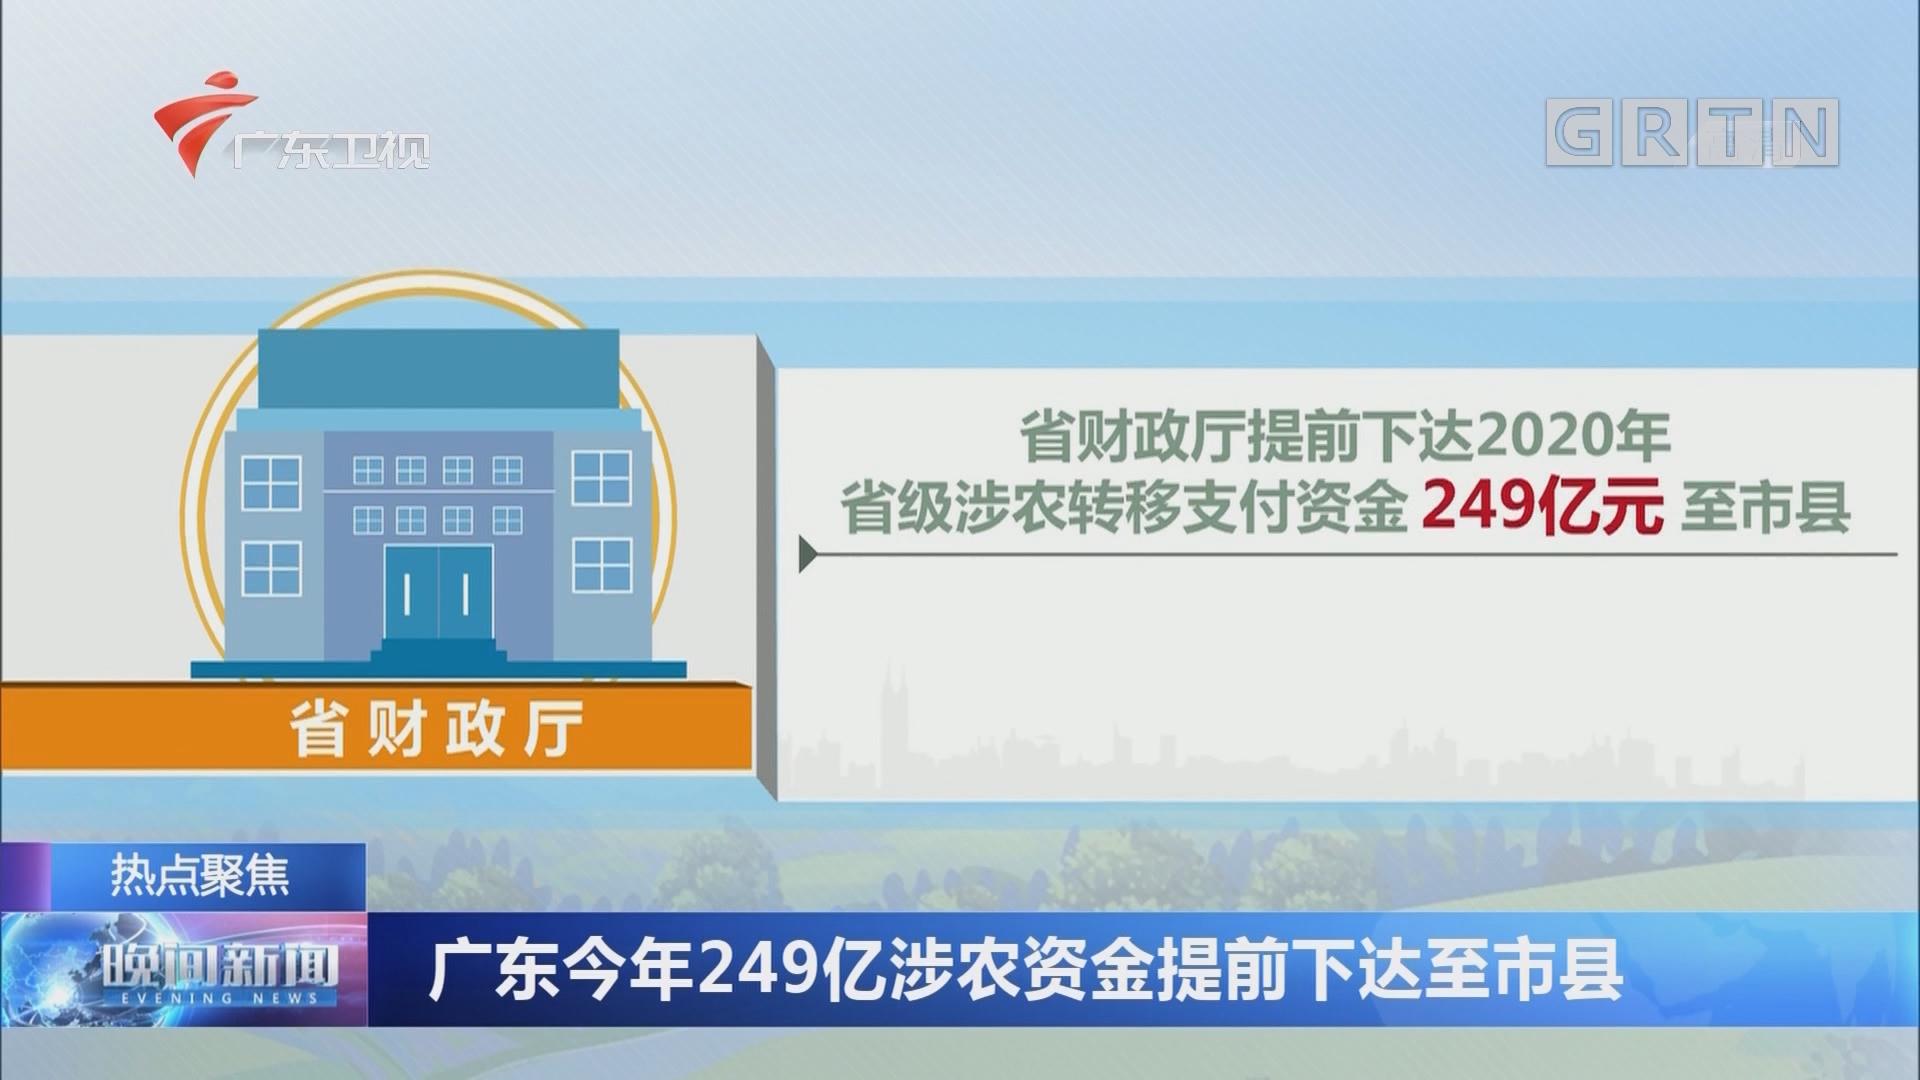 广东今年249亿涉农资金提前下达至市县